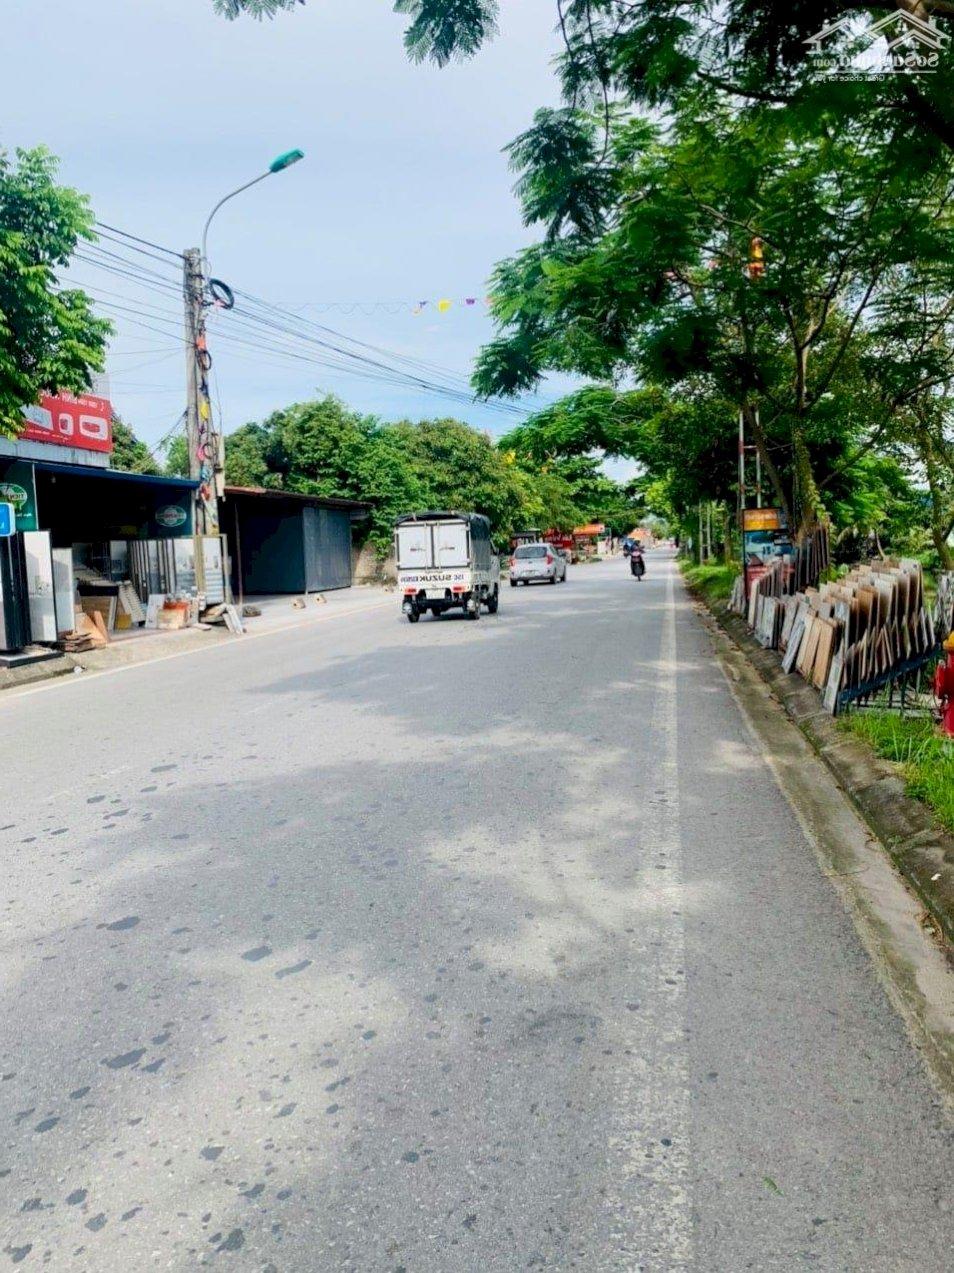 Đất 150m, ngang 5m mặt đường 208 chợ Tràng Duệ, An Dương, Hải Phòng 0984414366